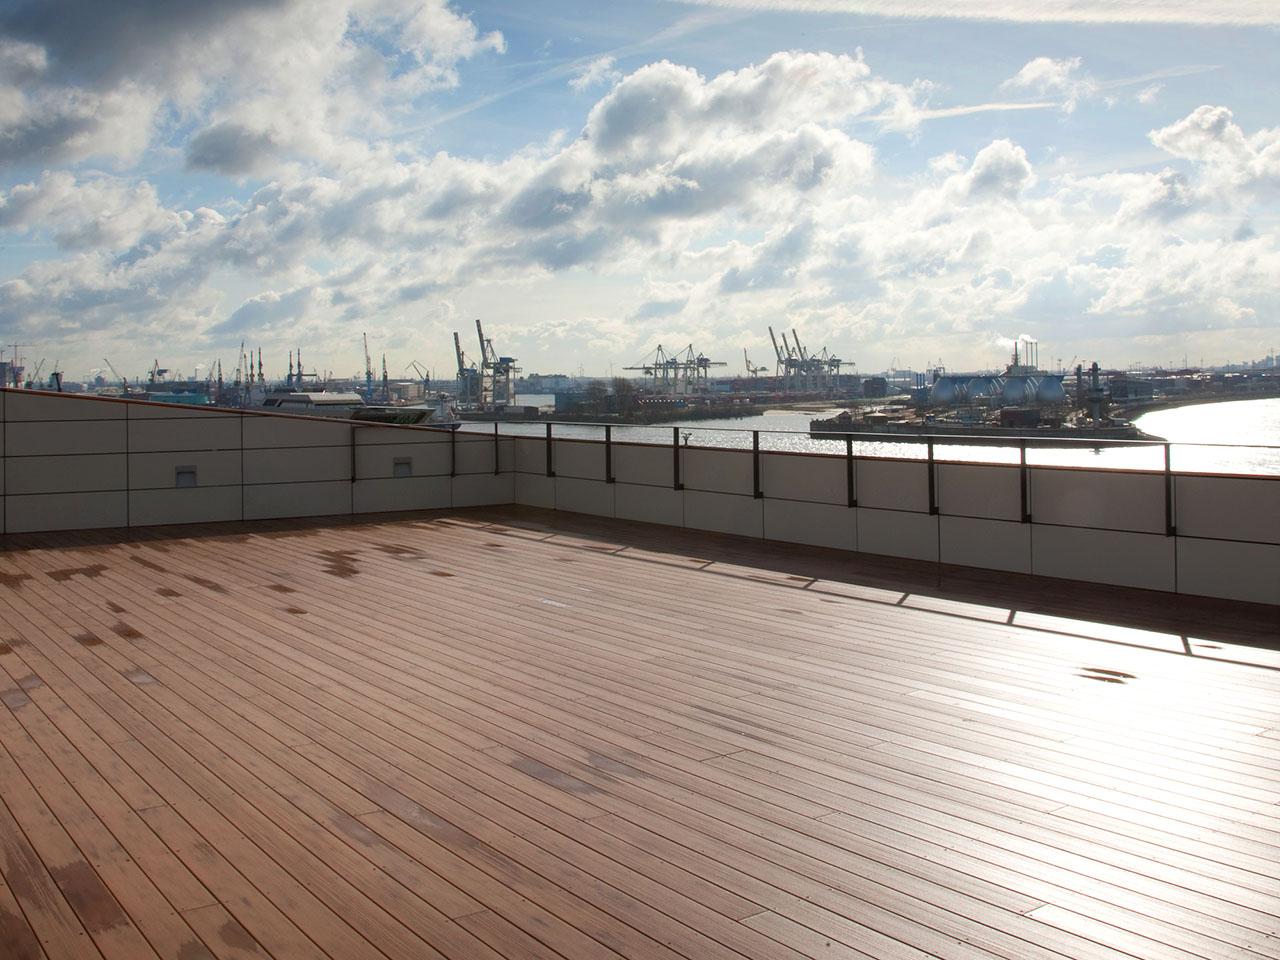 Wetterfeste WPC Dachterrasse der Columbia Twins mit Blick auf den Hamburger Hafen